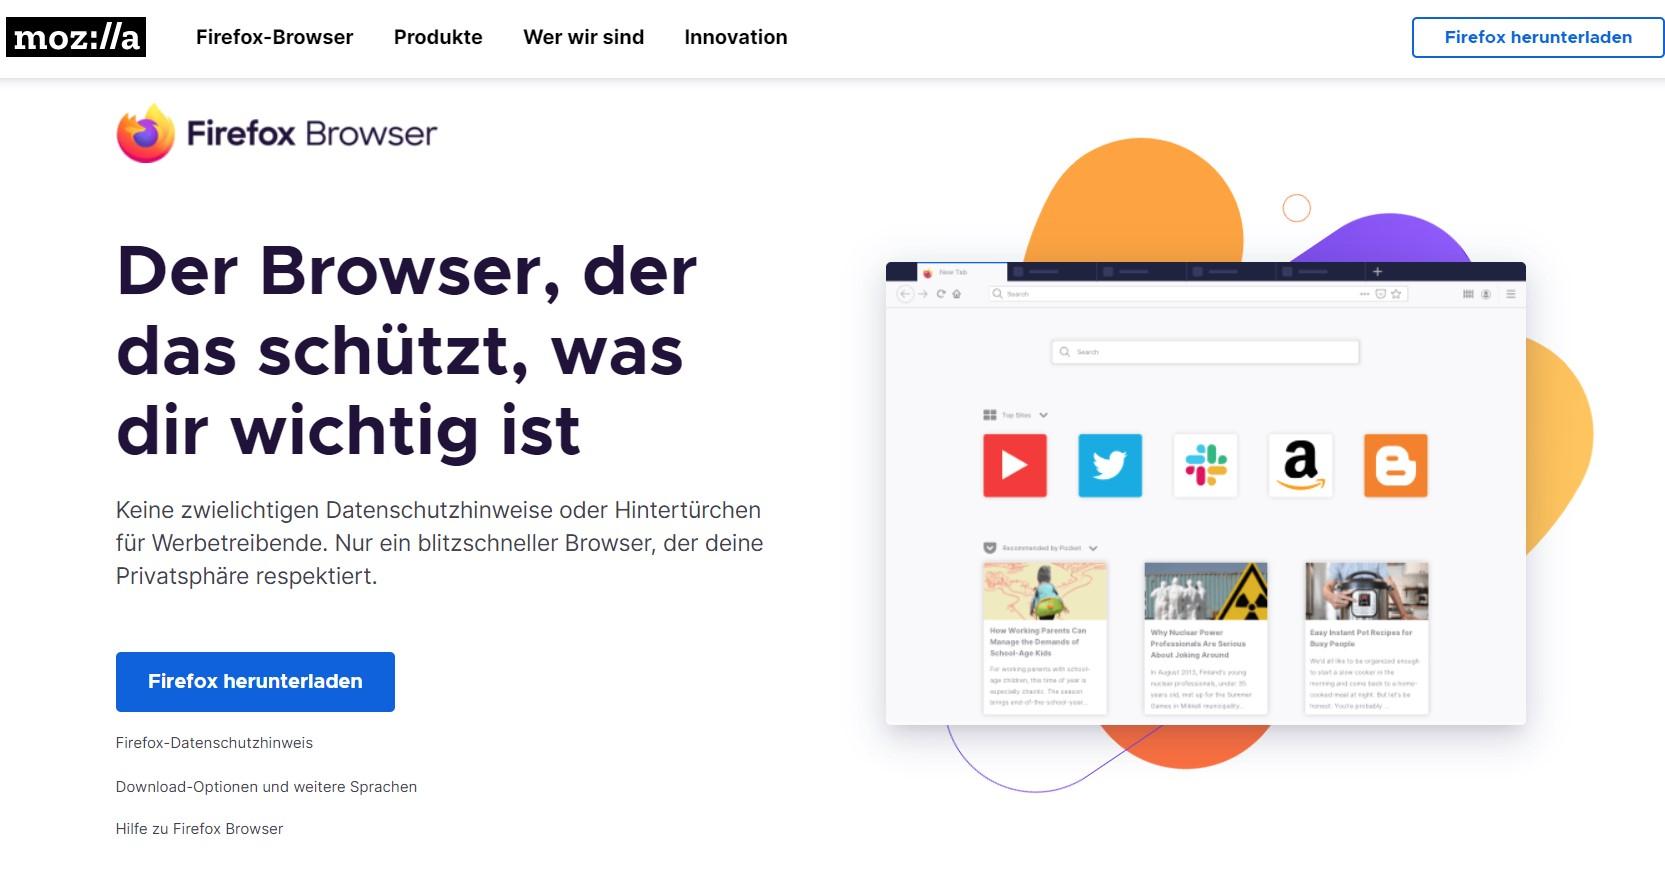 Zu sehen ist ein Screenshot der Produktseite von Mozilla Firefox. Es geht um die Frage: Welcher Browser ist der sicherste? Bild: Screenshot